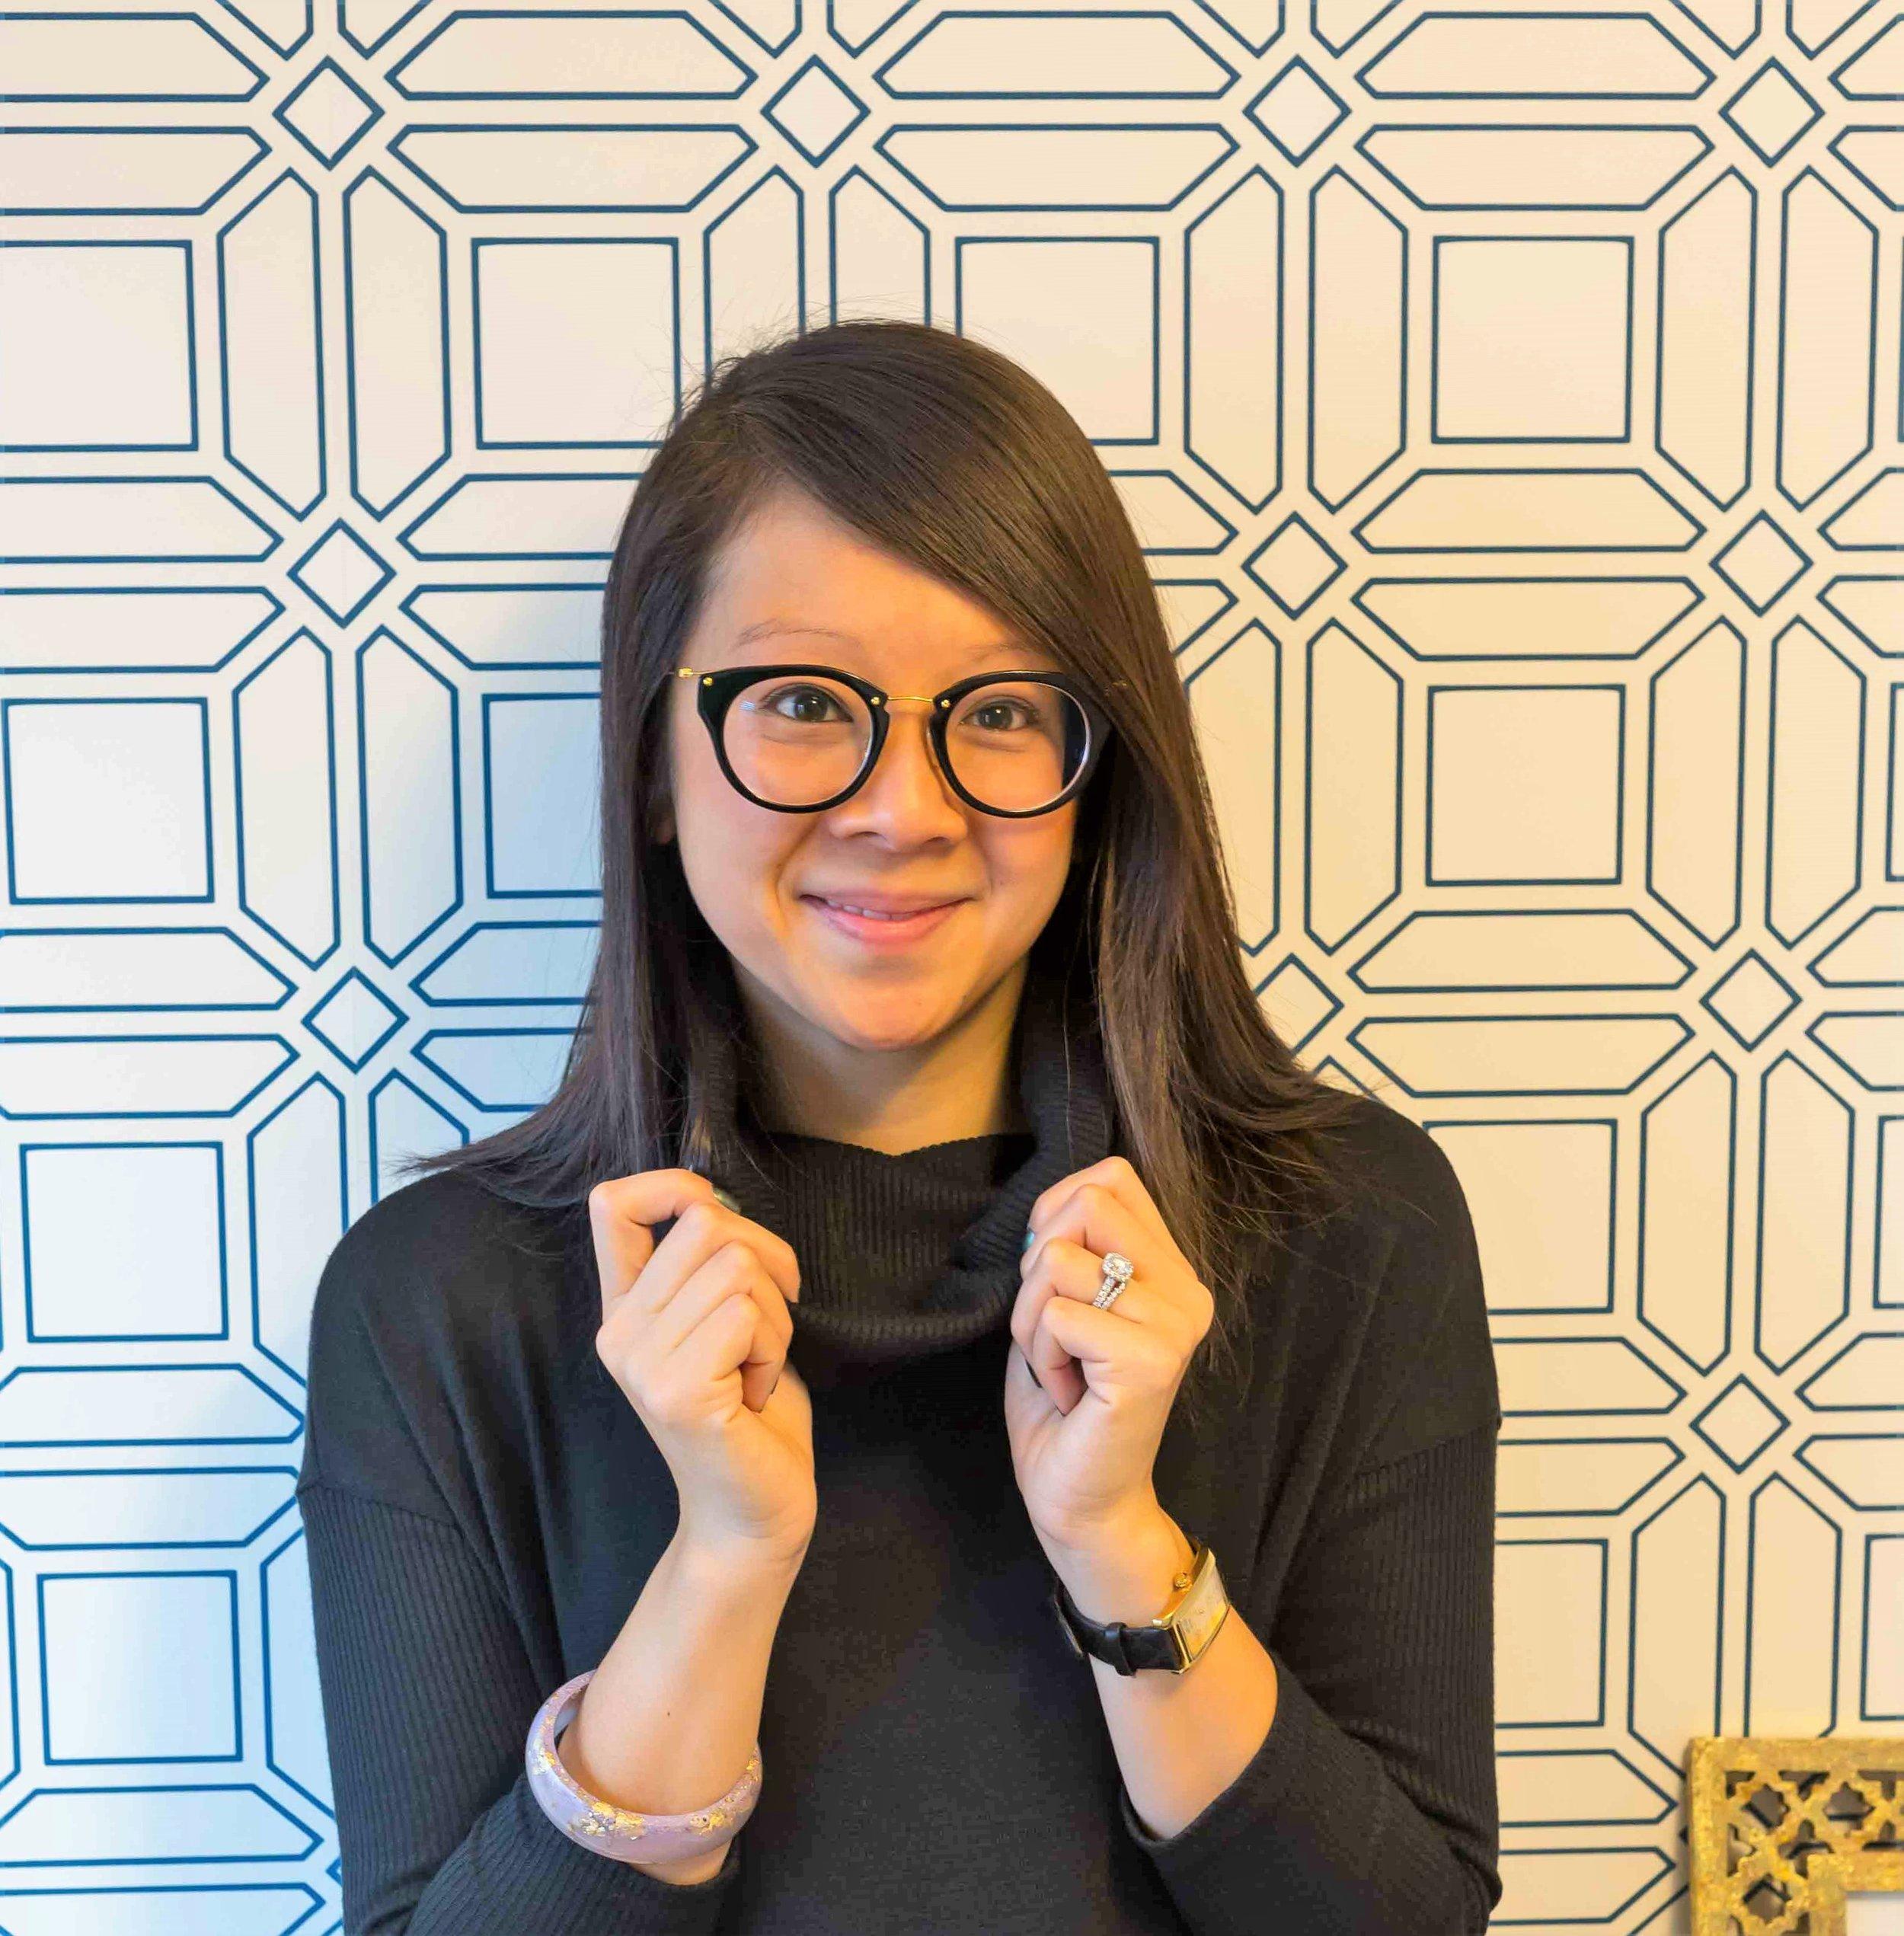 Warby-Parker_Hadley.jpg